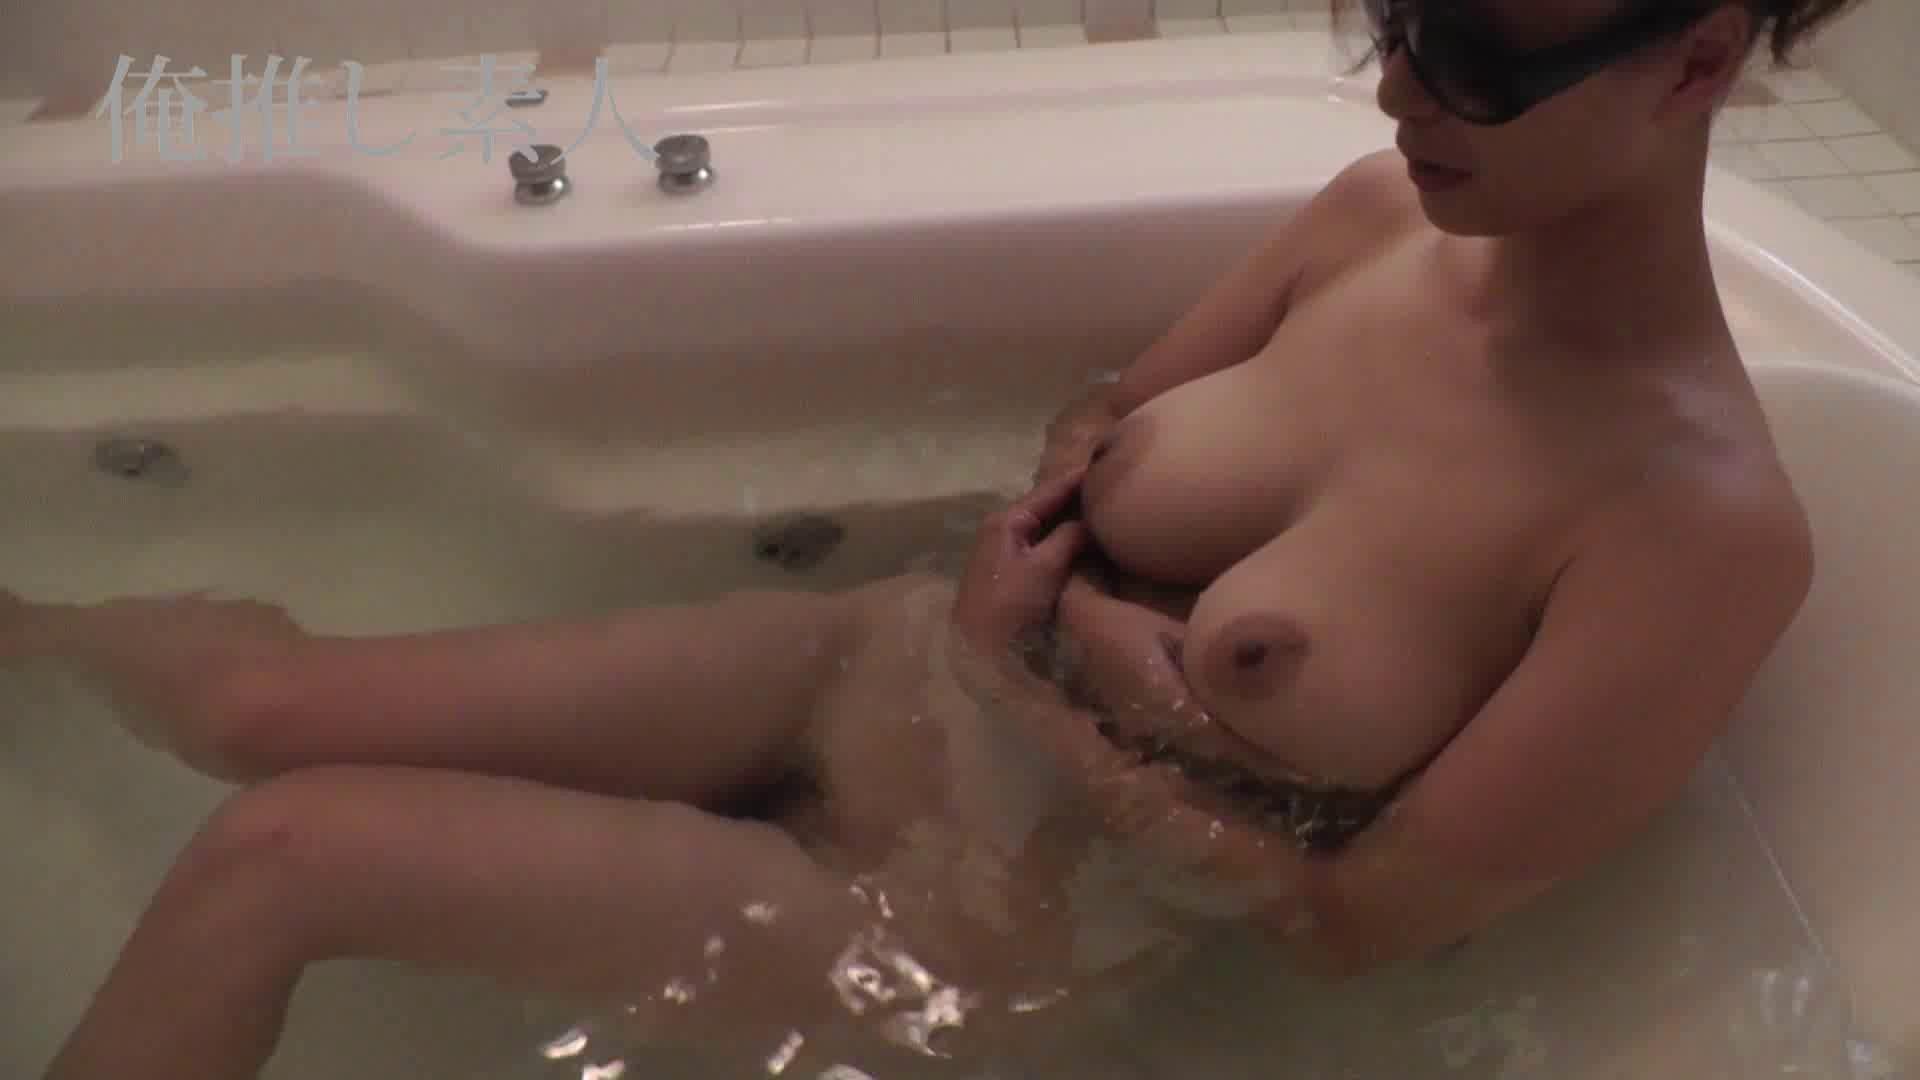 俺推し素人 30代人妻熟女キャバ嬢雫Vol.02 OLヌード天国  71PIX 18